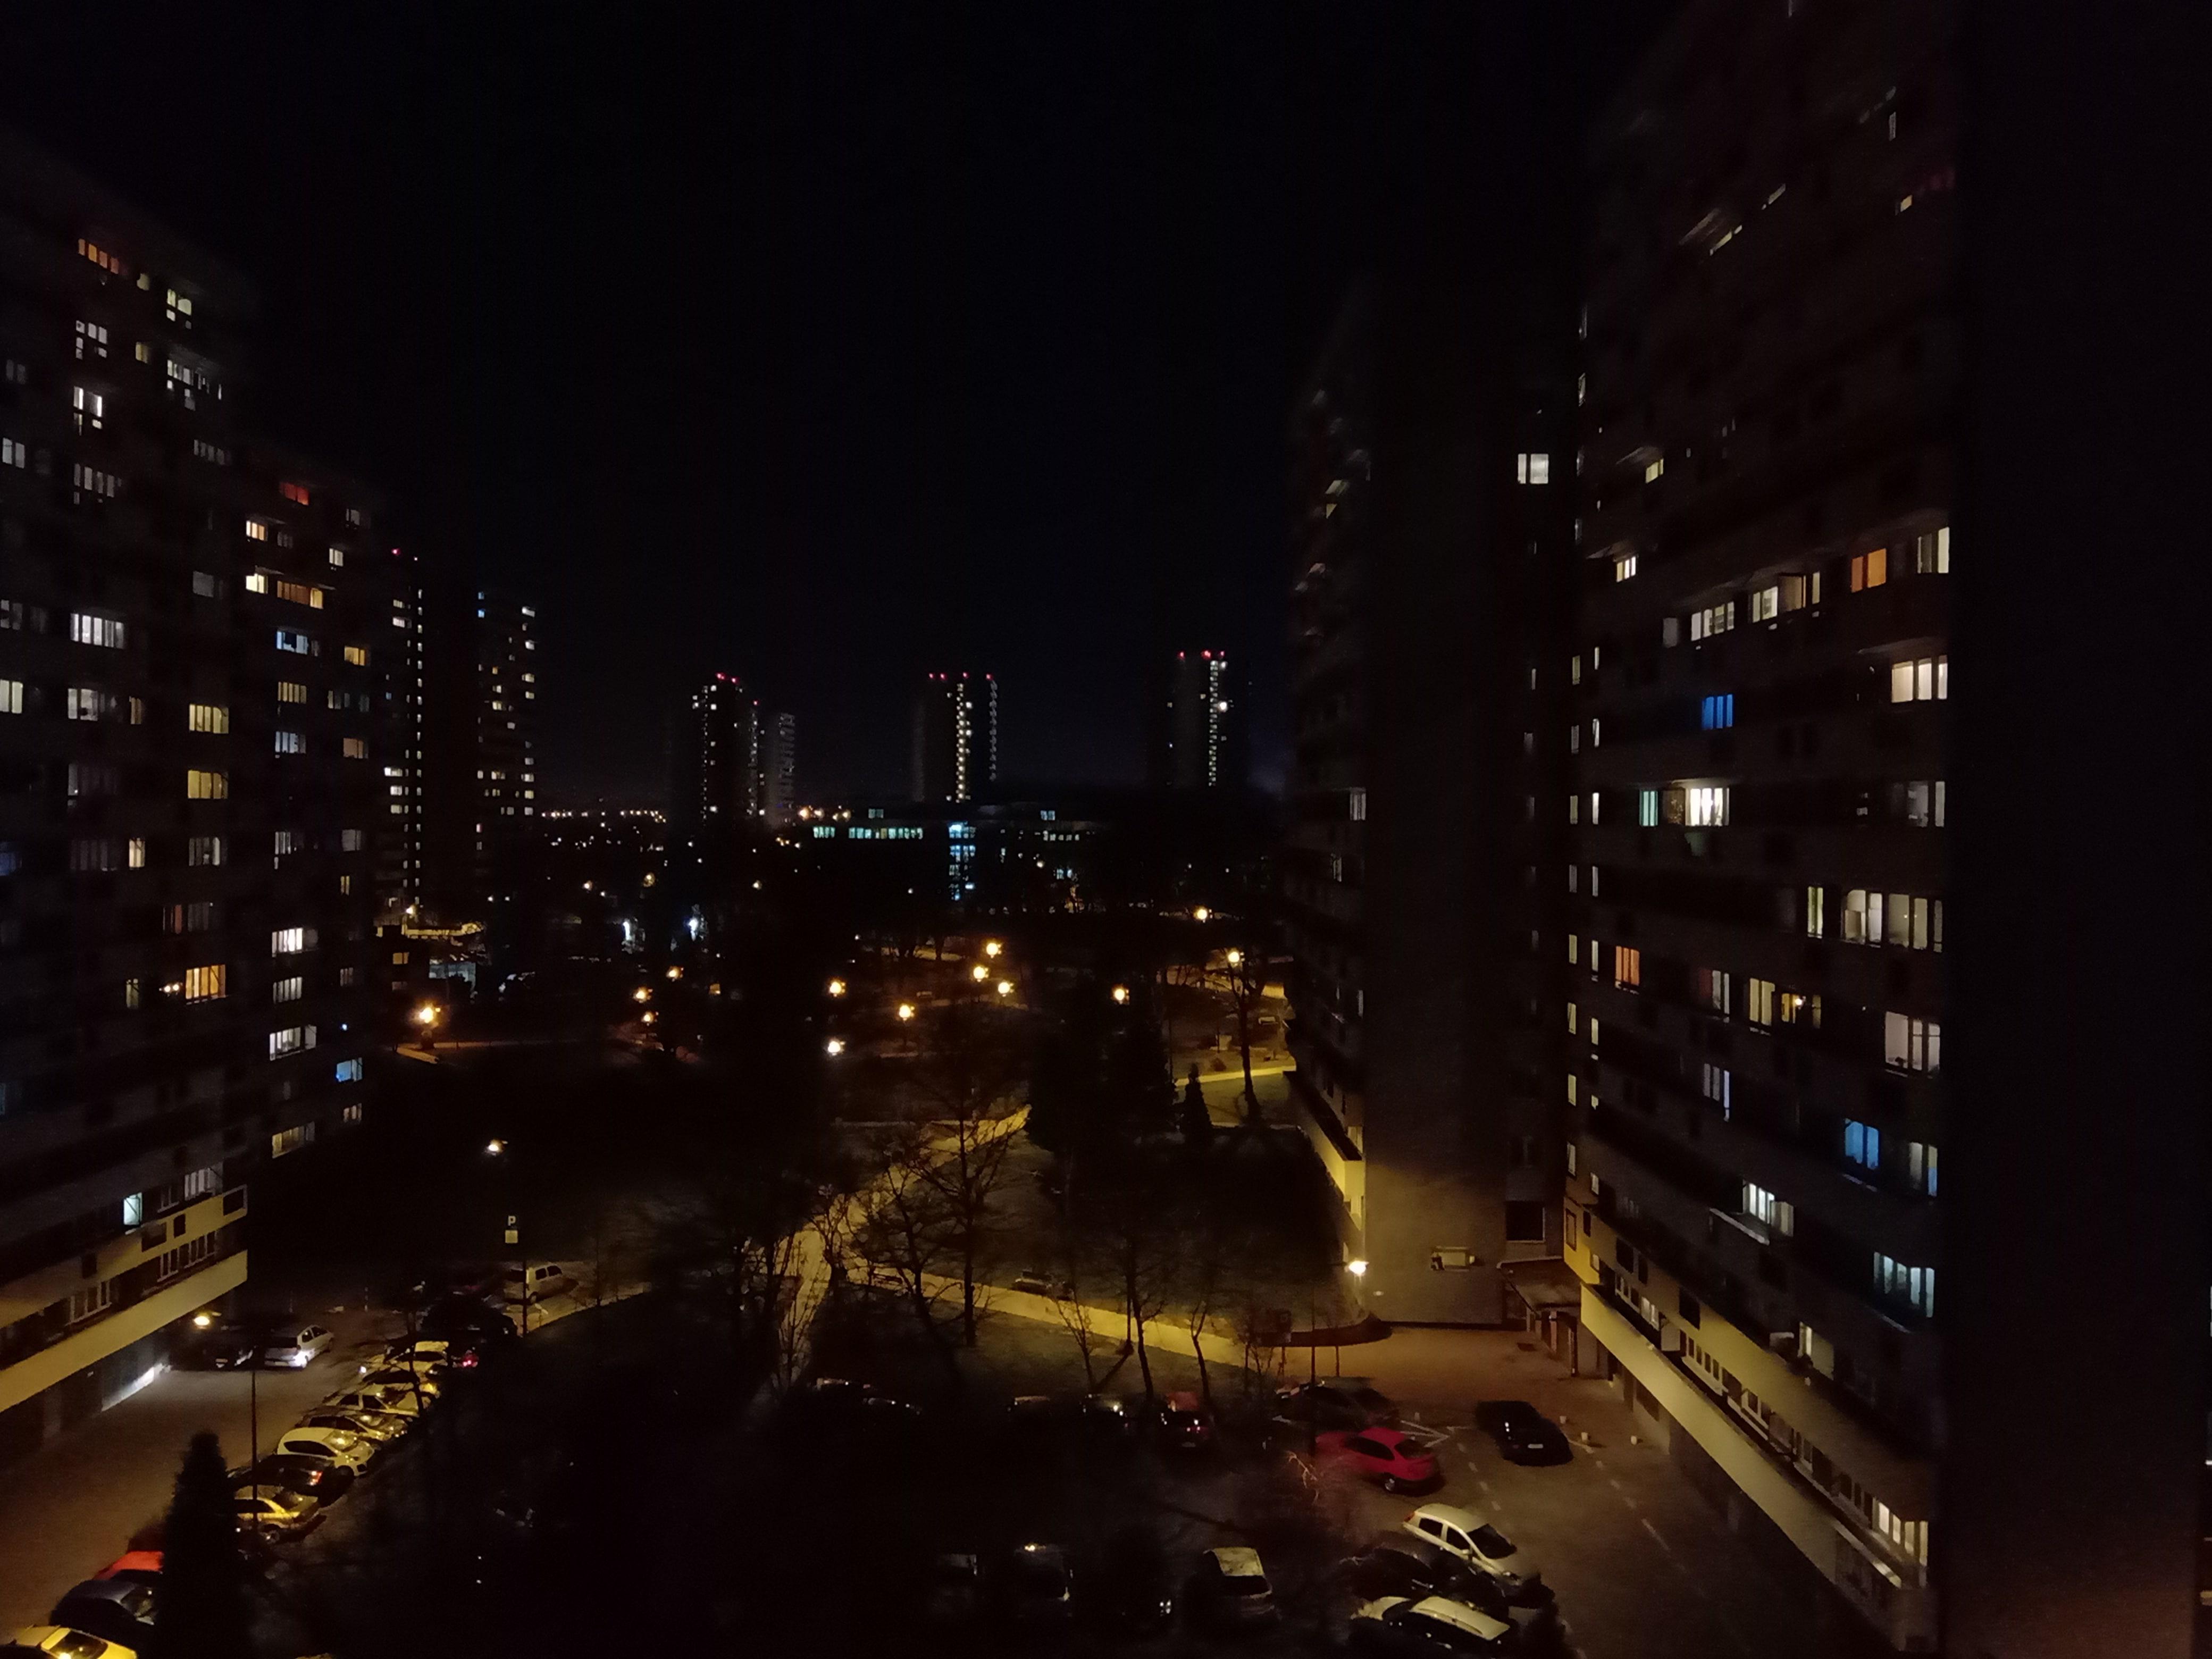 Zdjęcia nocne - Nokia 5.1 Plus